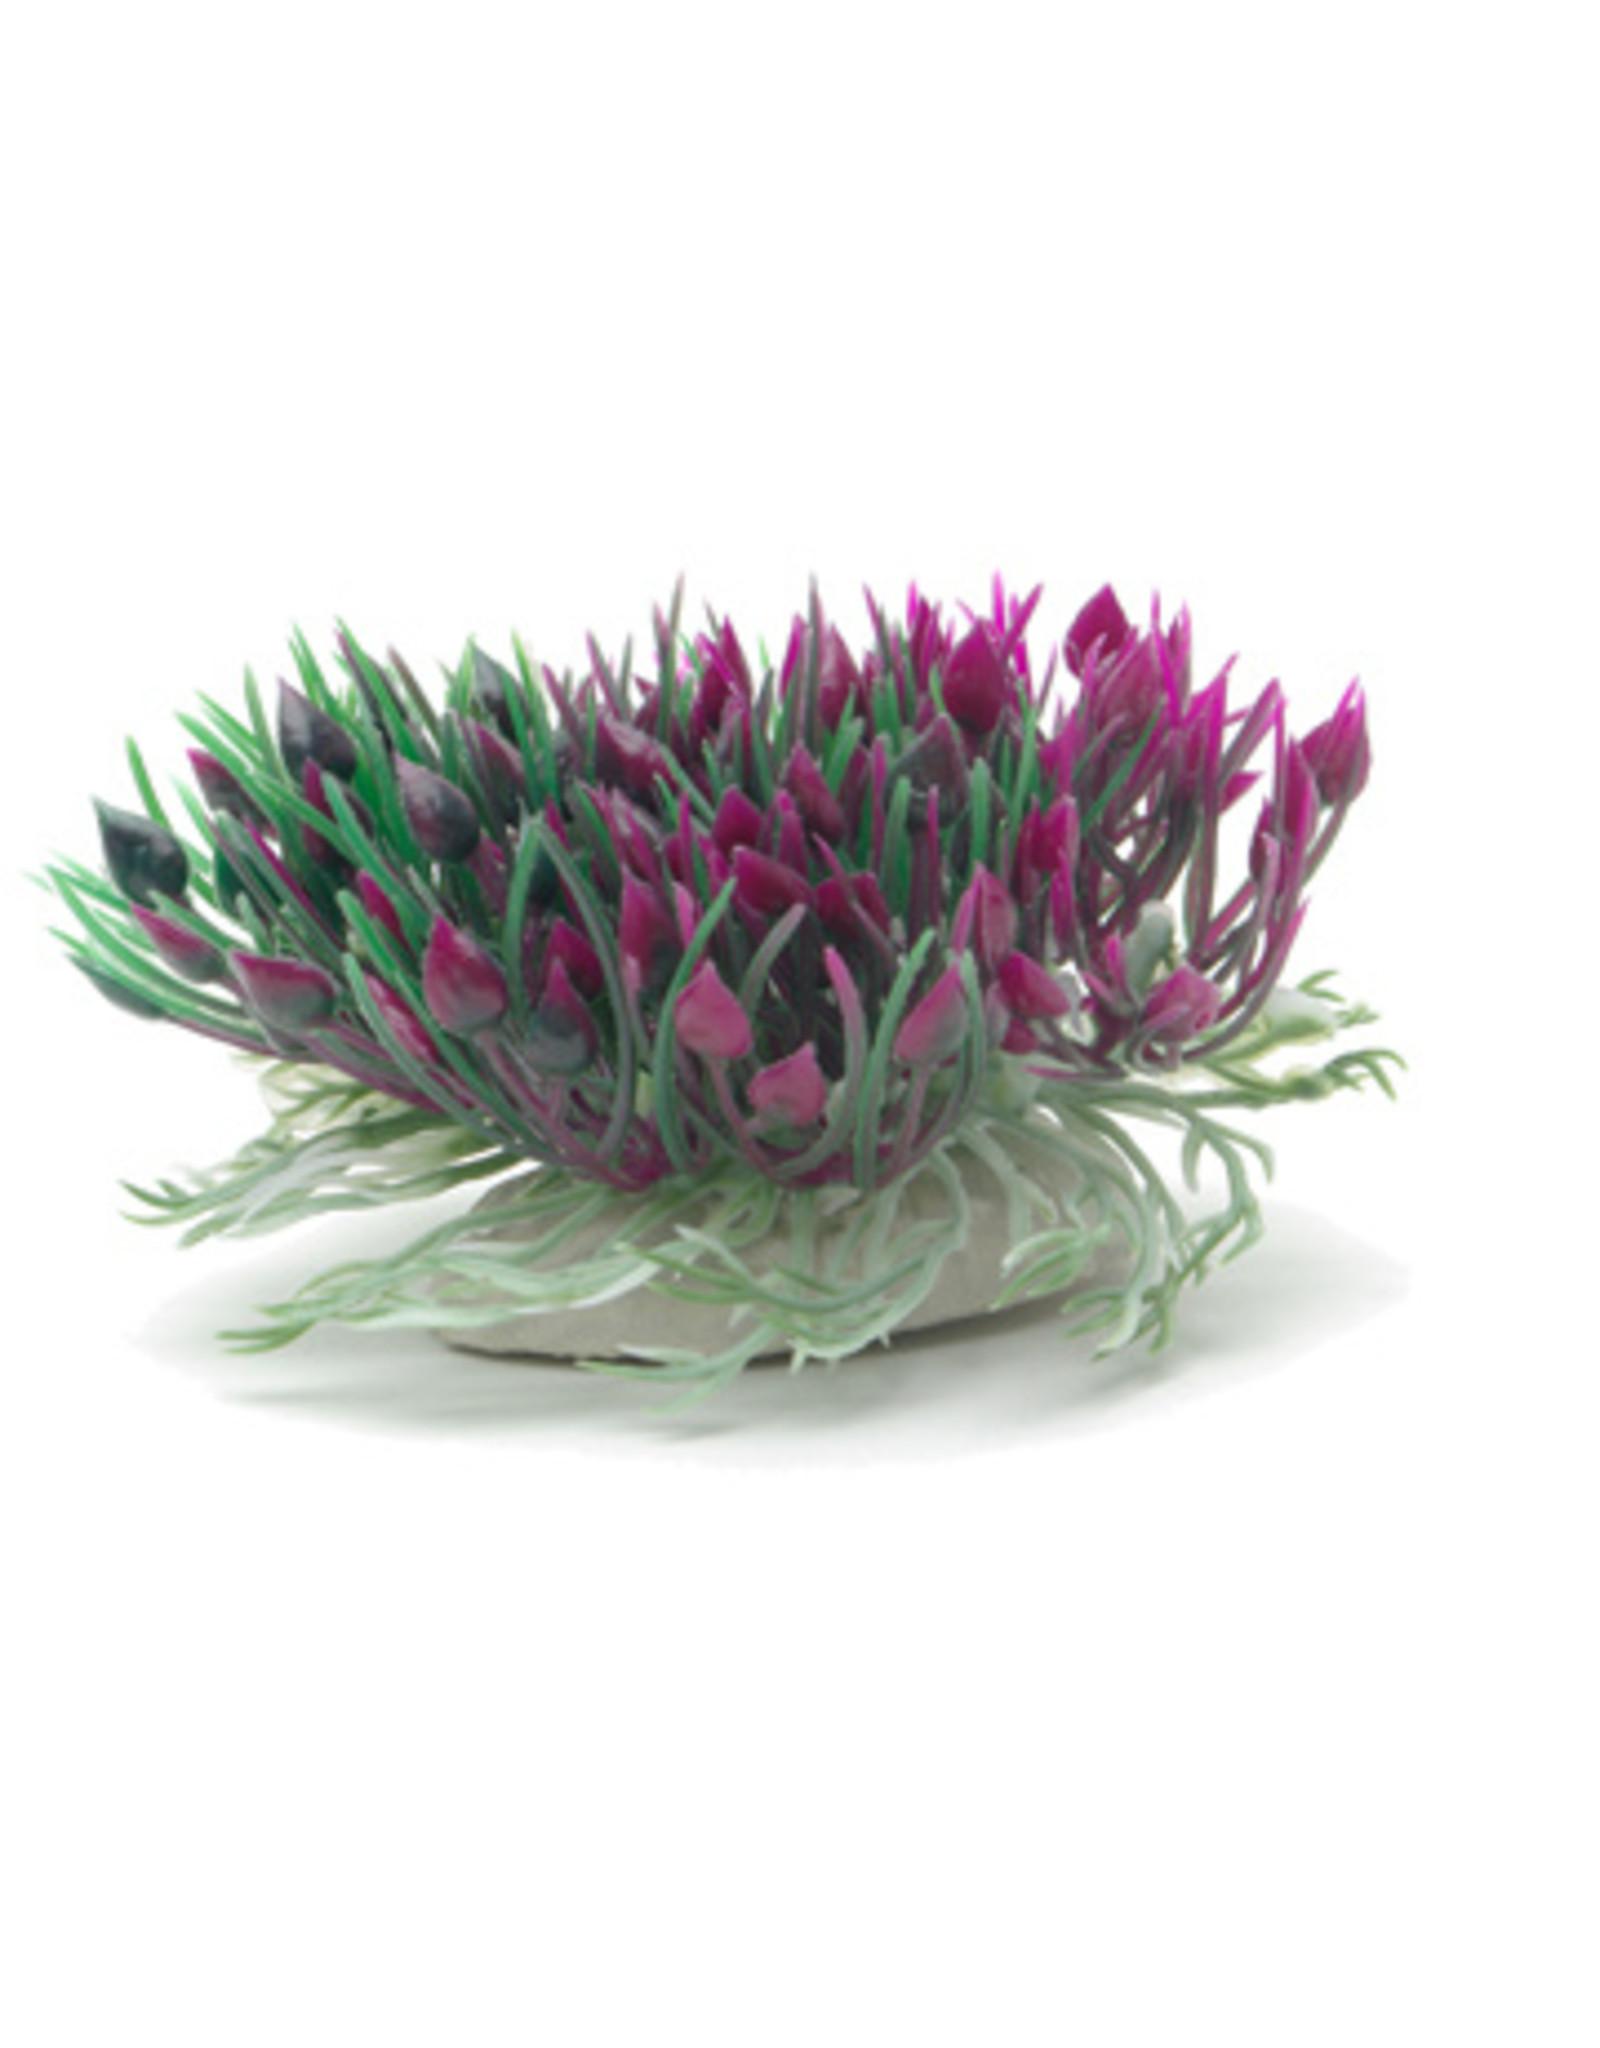 Marina MARINA Betta Ornament Purple Hearts Shrub